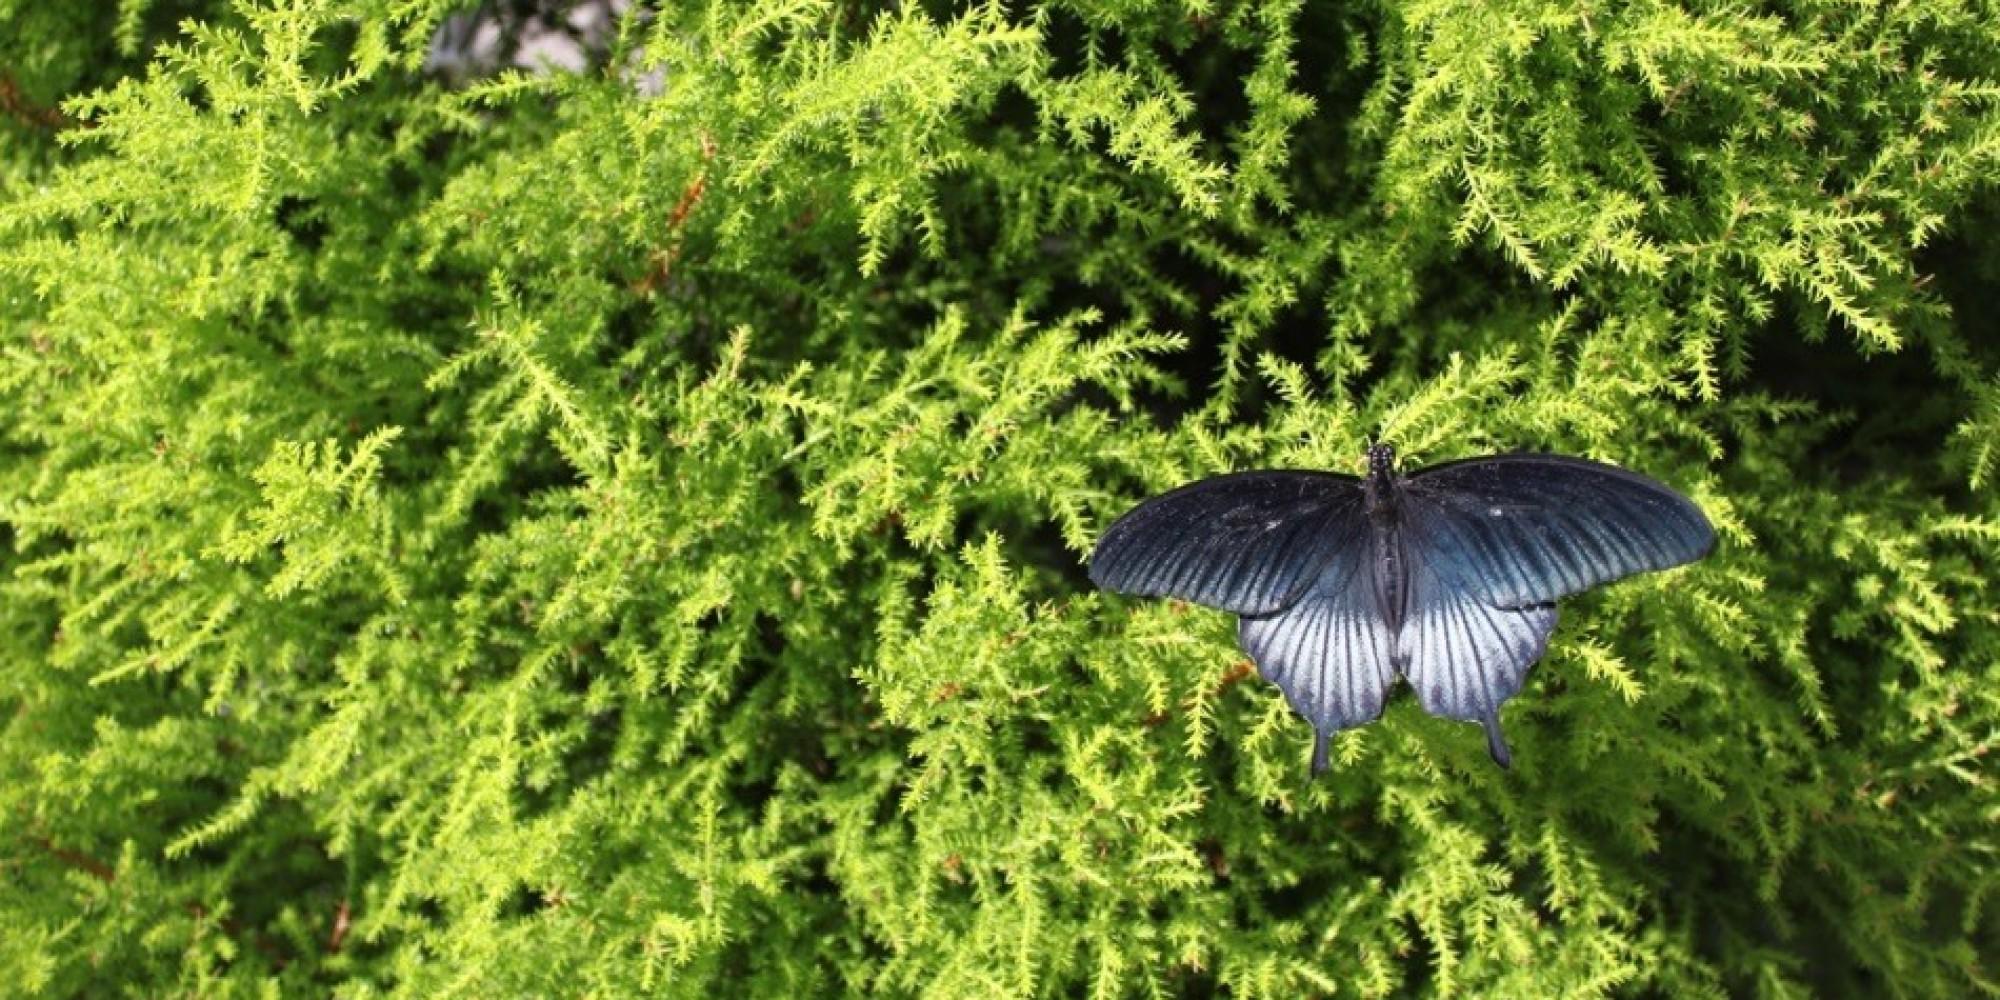 Papillons en libert au jardin botanique les chenilles for Jardin hamel papillon 2016